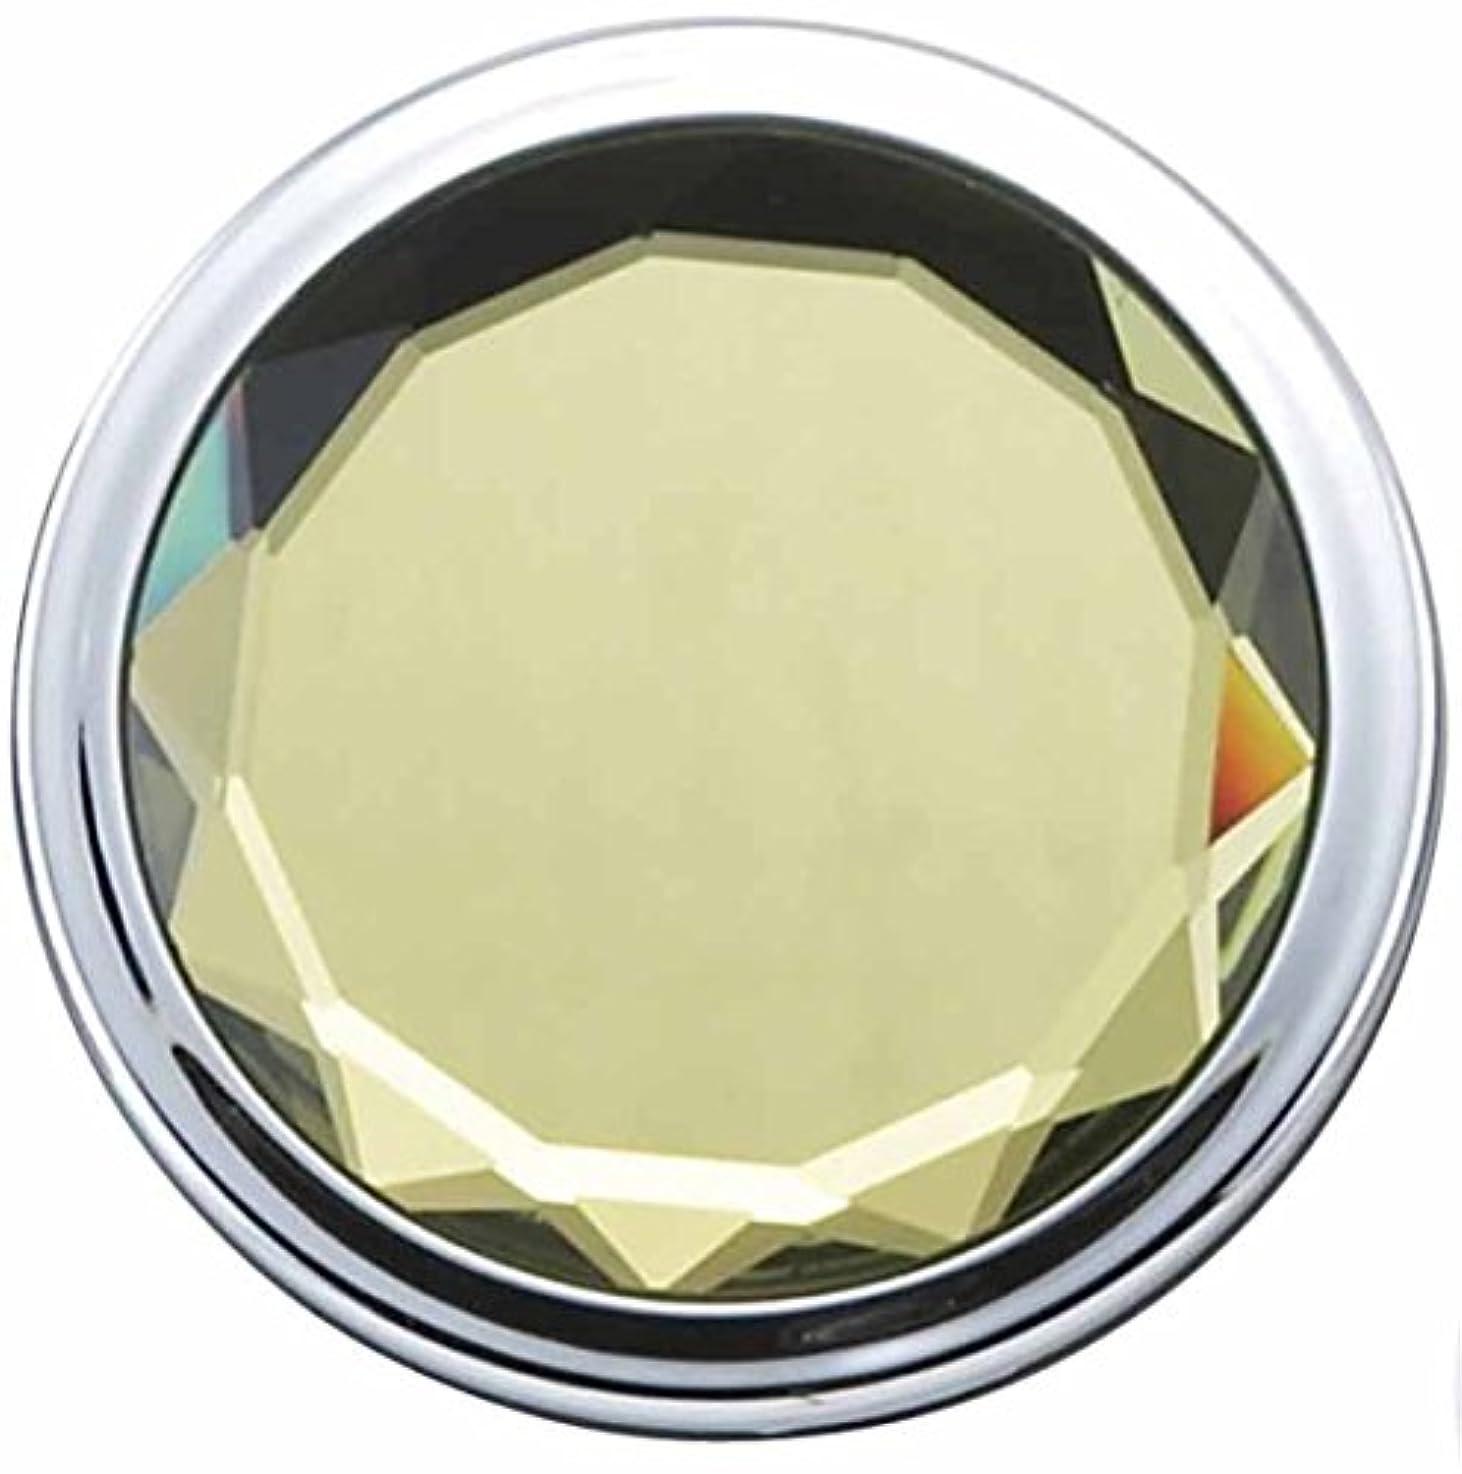 祝福にんじん該当するメトリックス JEWEL color コンパクト ミラー イエロー 等倍 & 2倍 拡大鏡 es